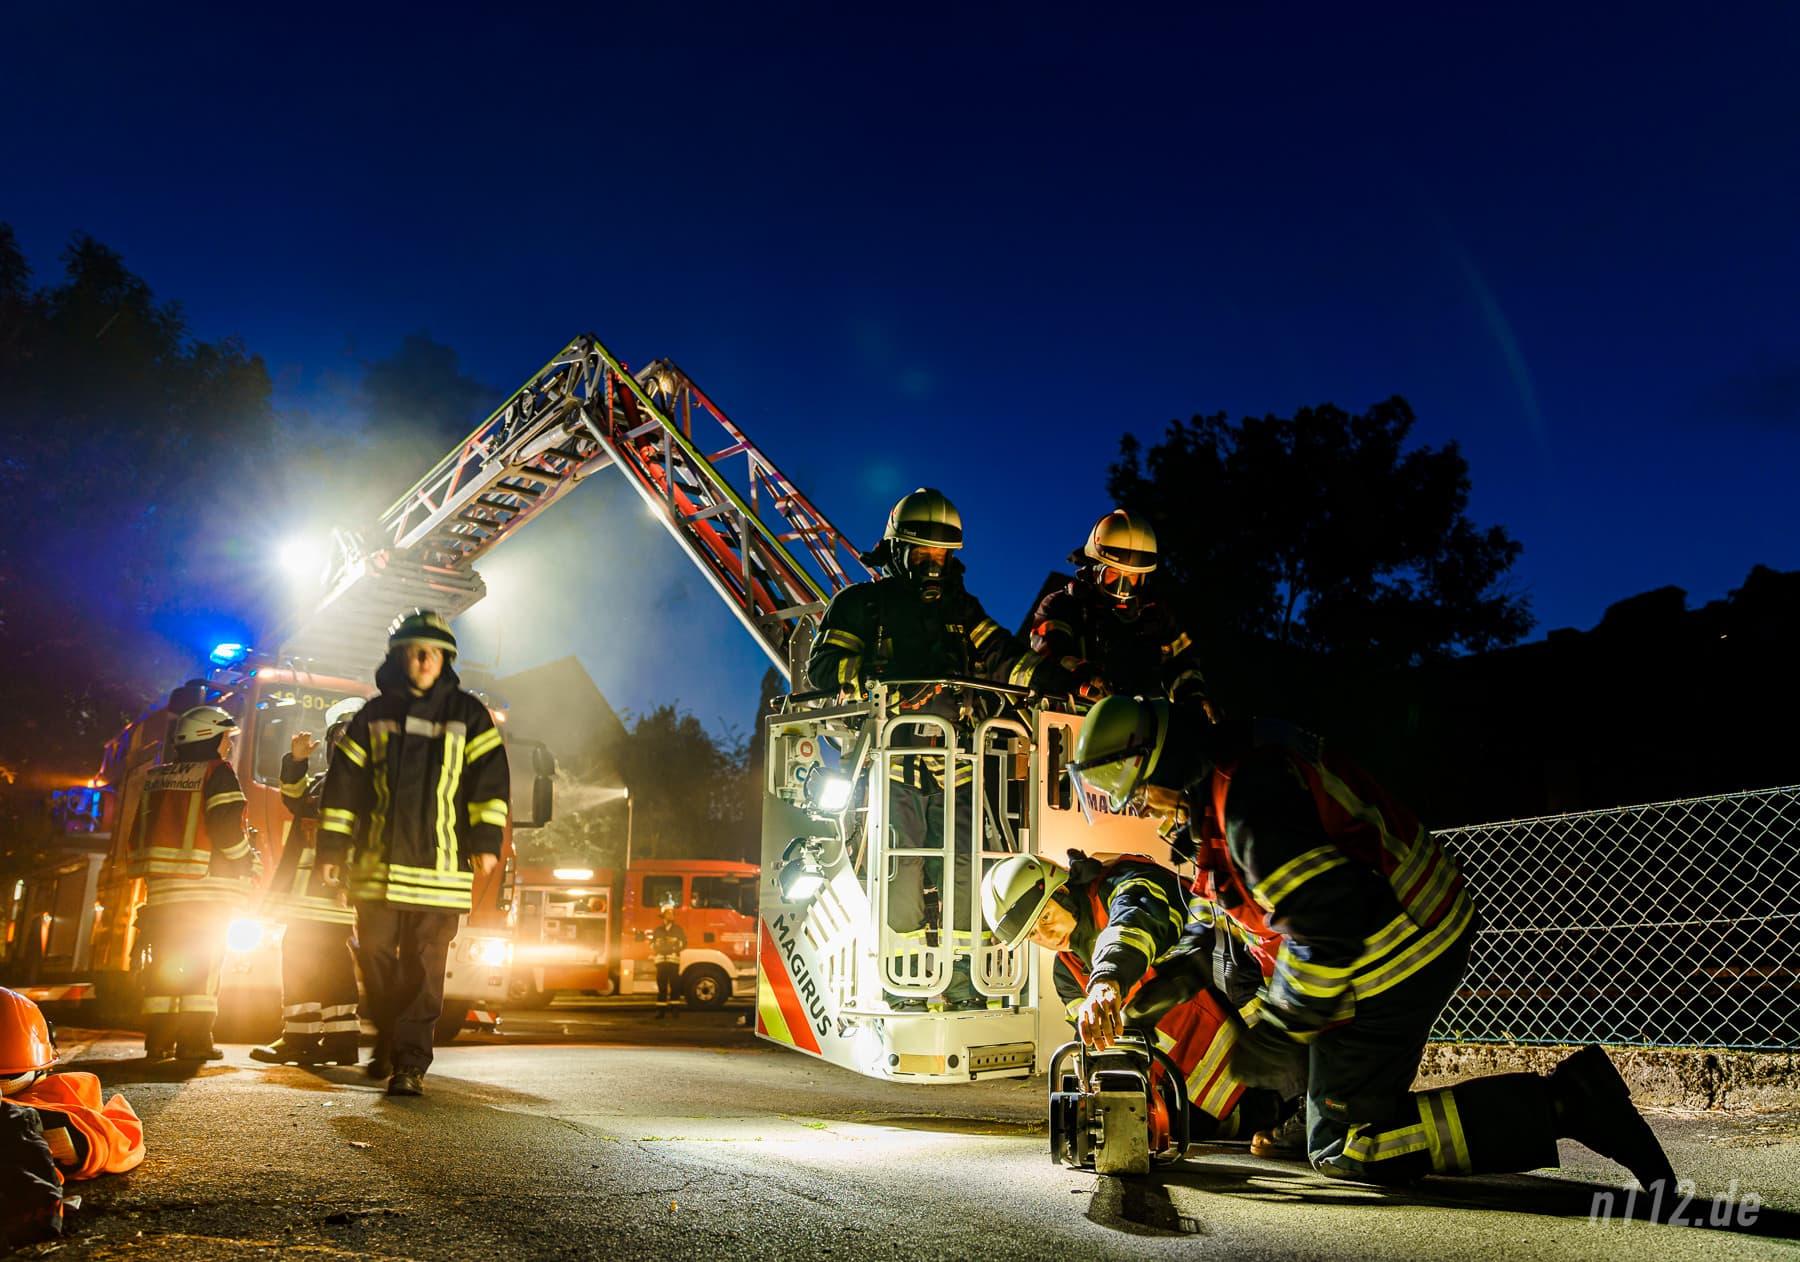 Feuerwehrleute bereiten eine spezielle Motorsäge zum Öffnen der Dachhaus vor (Foto: n112.de/Stefan Simonsen)